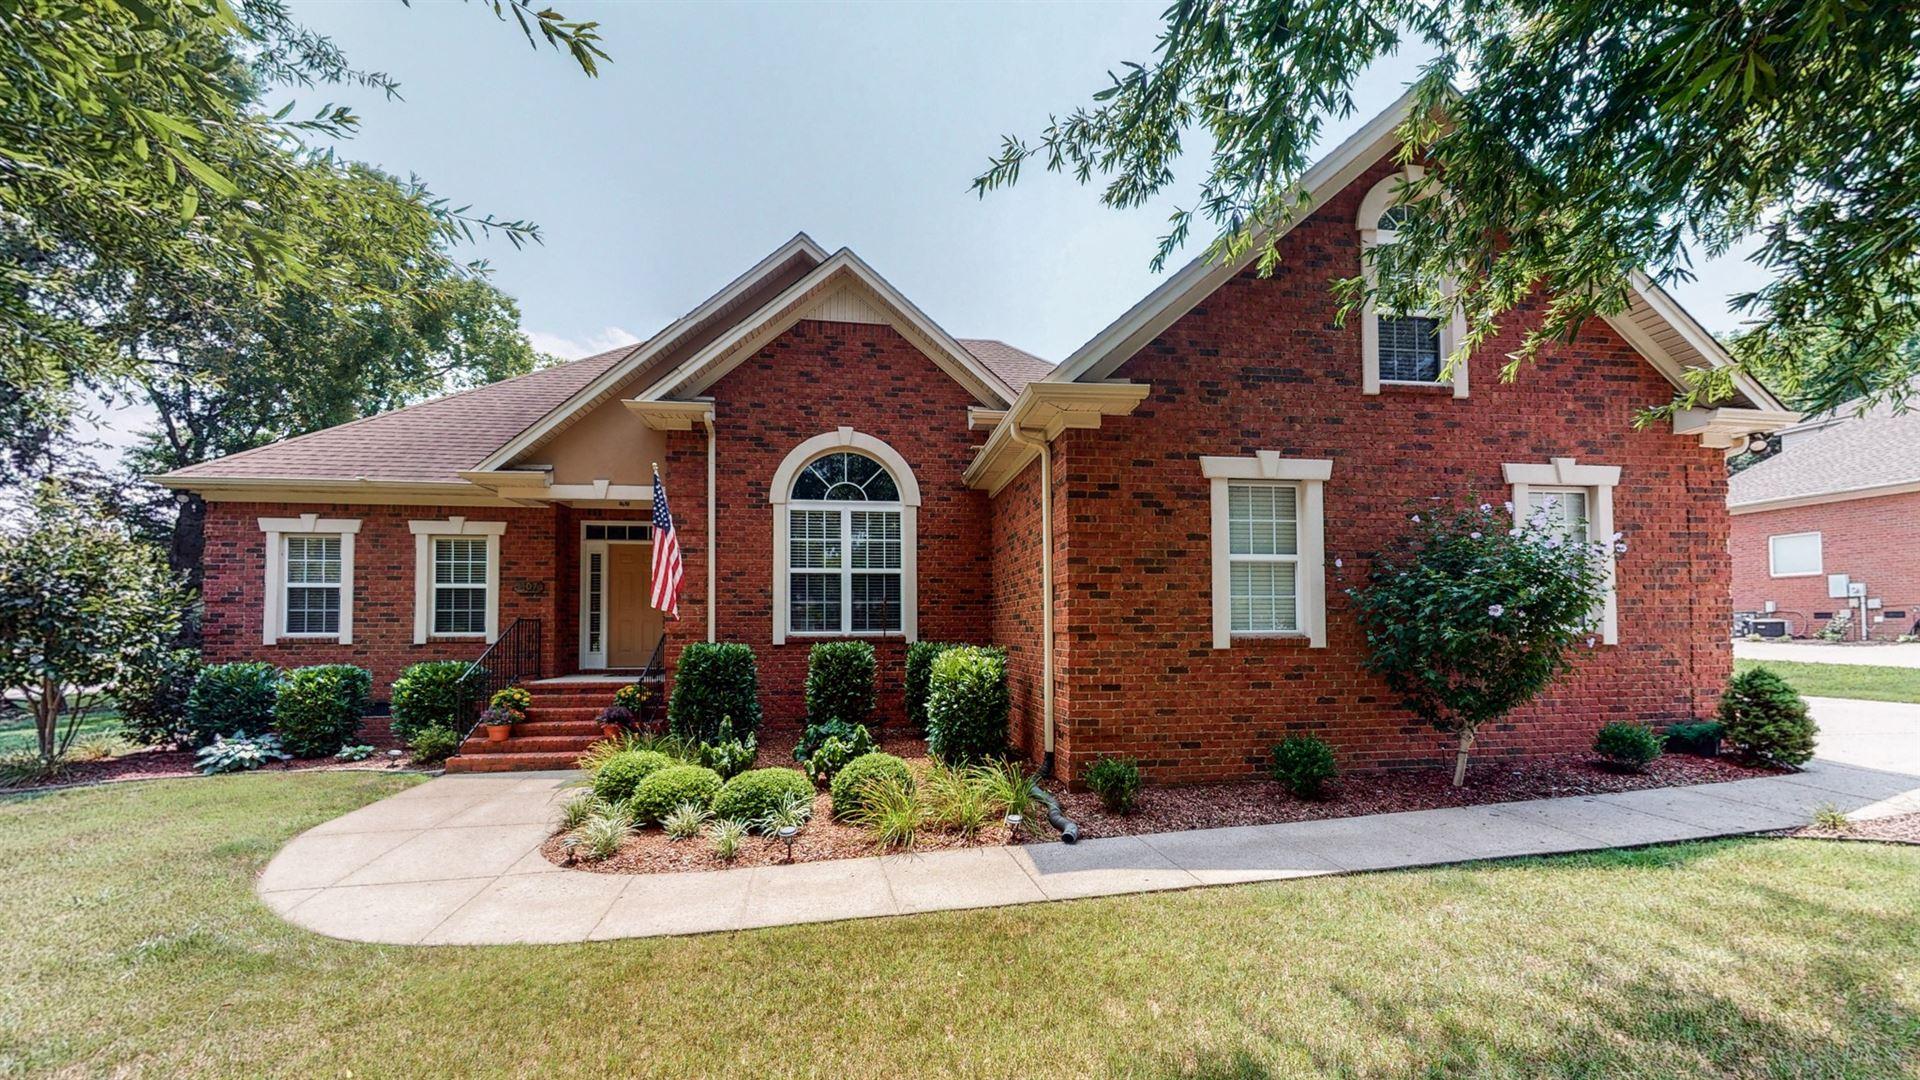 107 Appletree Ct, Murfreesboro, TN 37129 - MLS#: 2276063